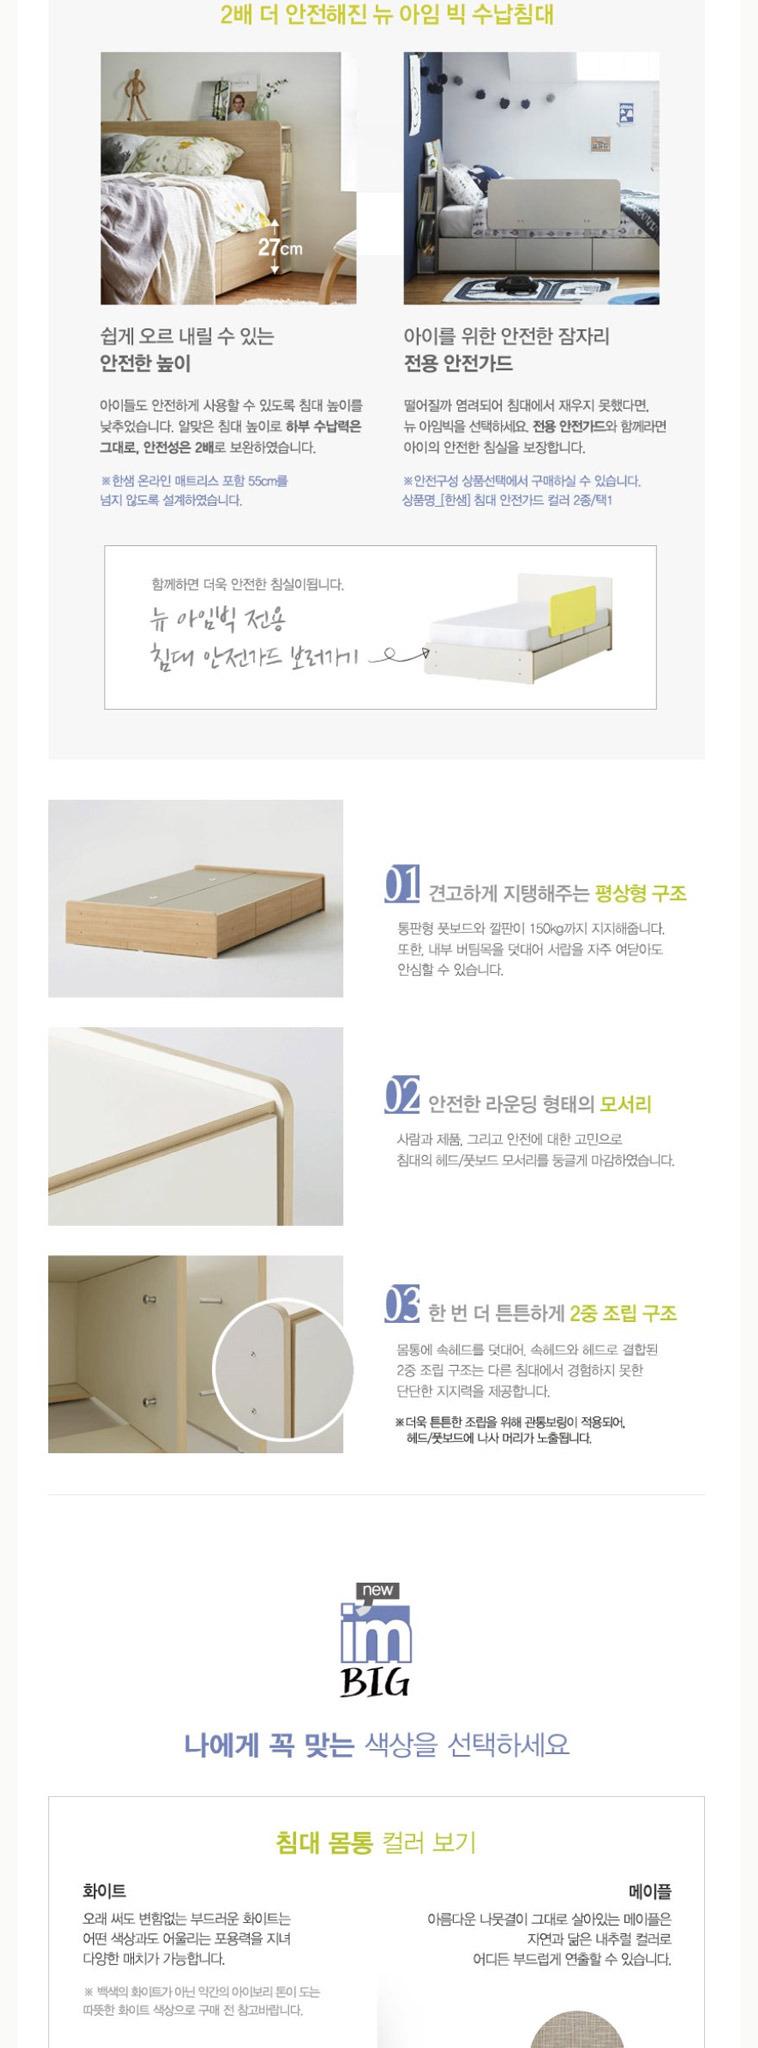 [한샘] 수납/원목 BEST 침대프레임SS - 상세정보